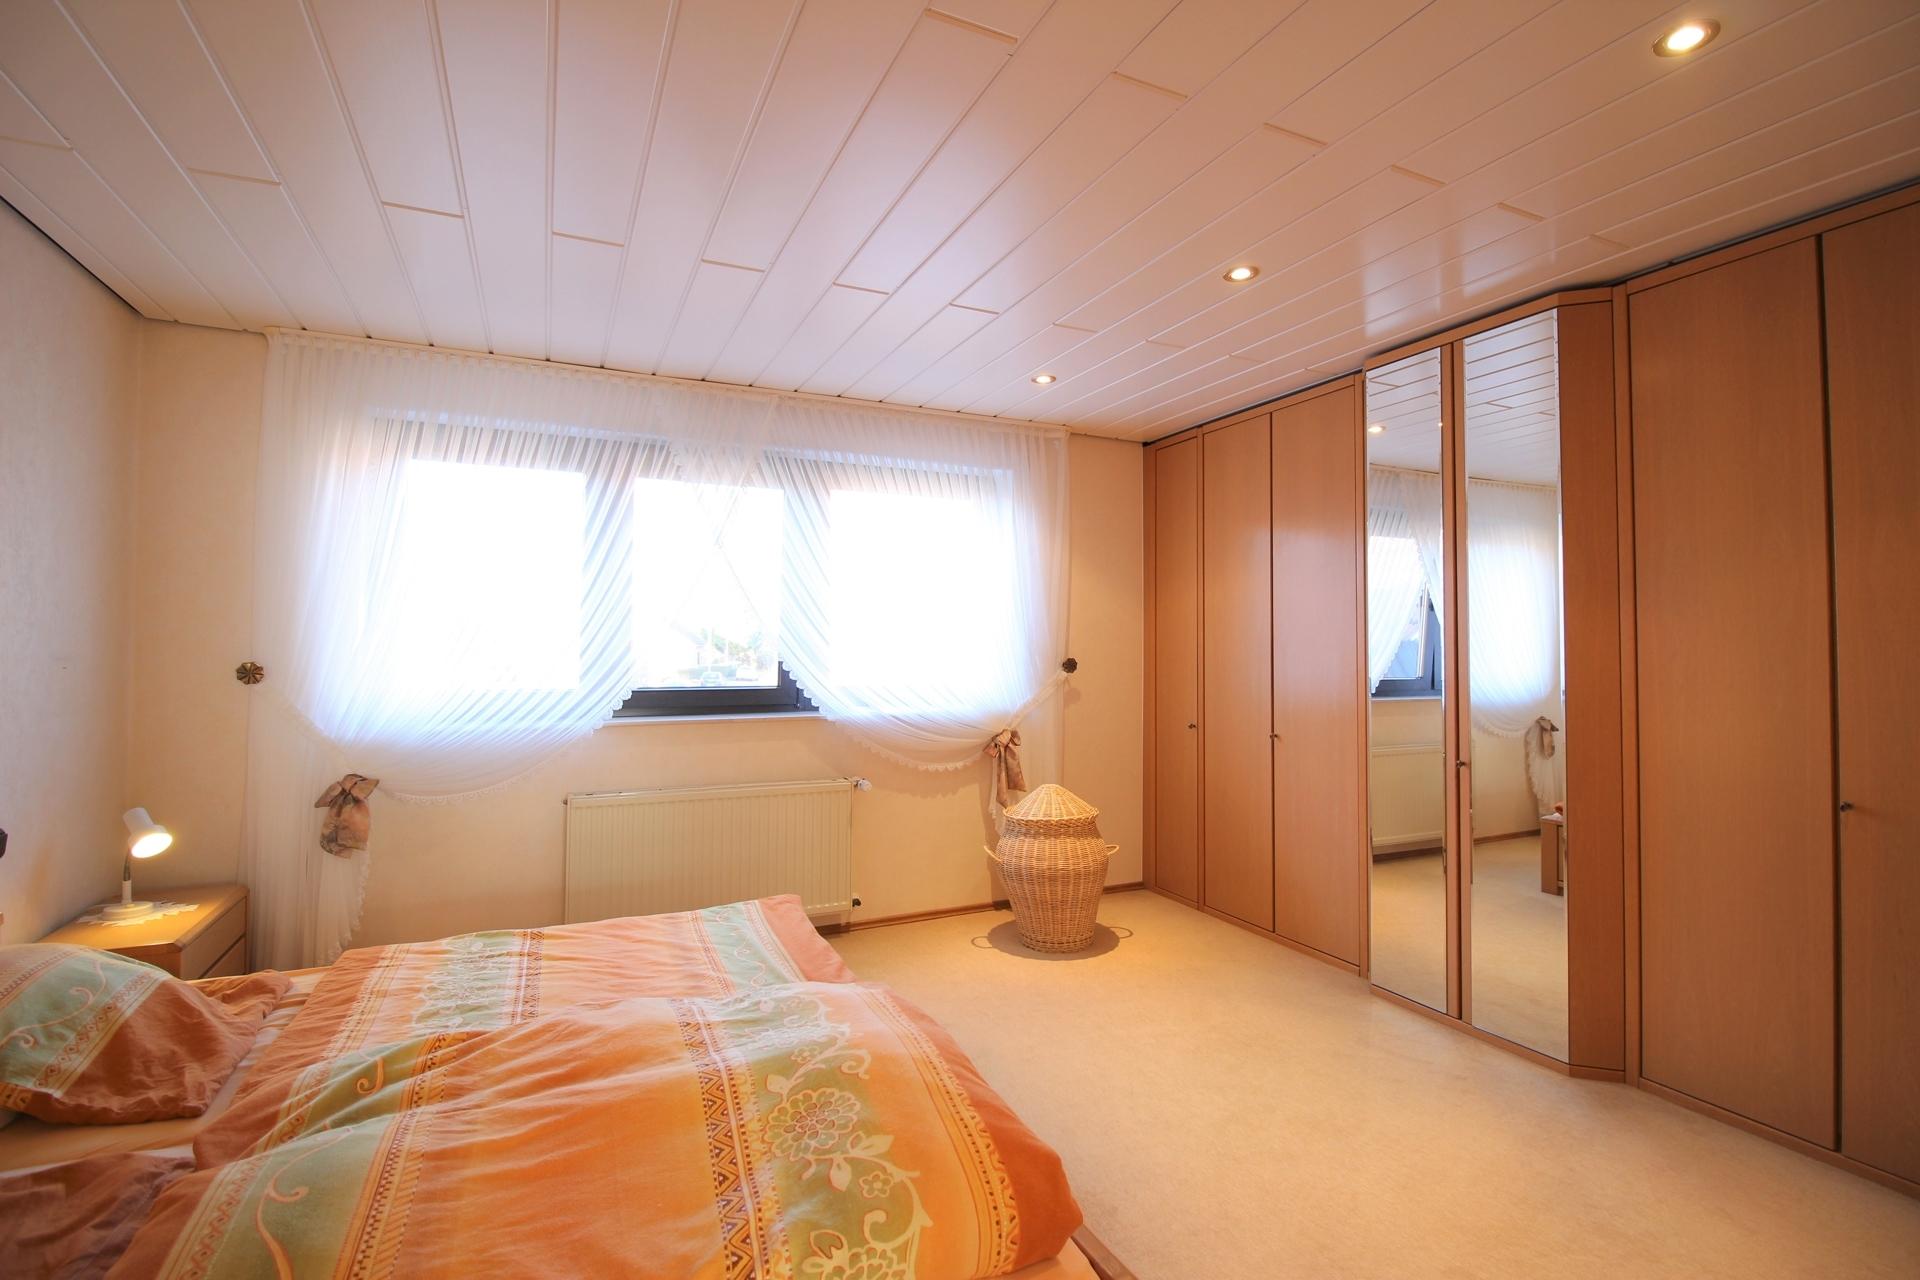 Zimmer 4,91 m x 4,01 m